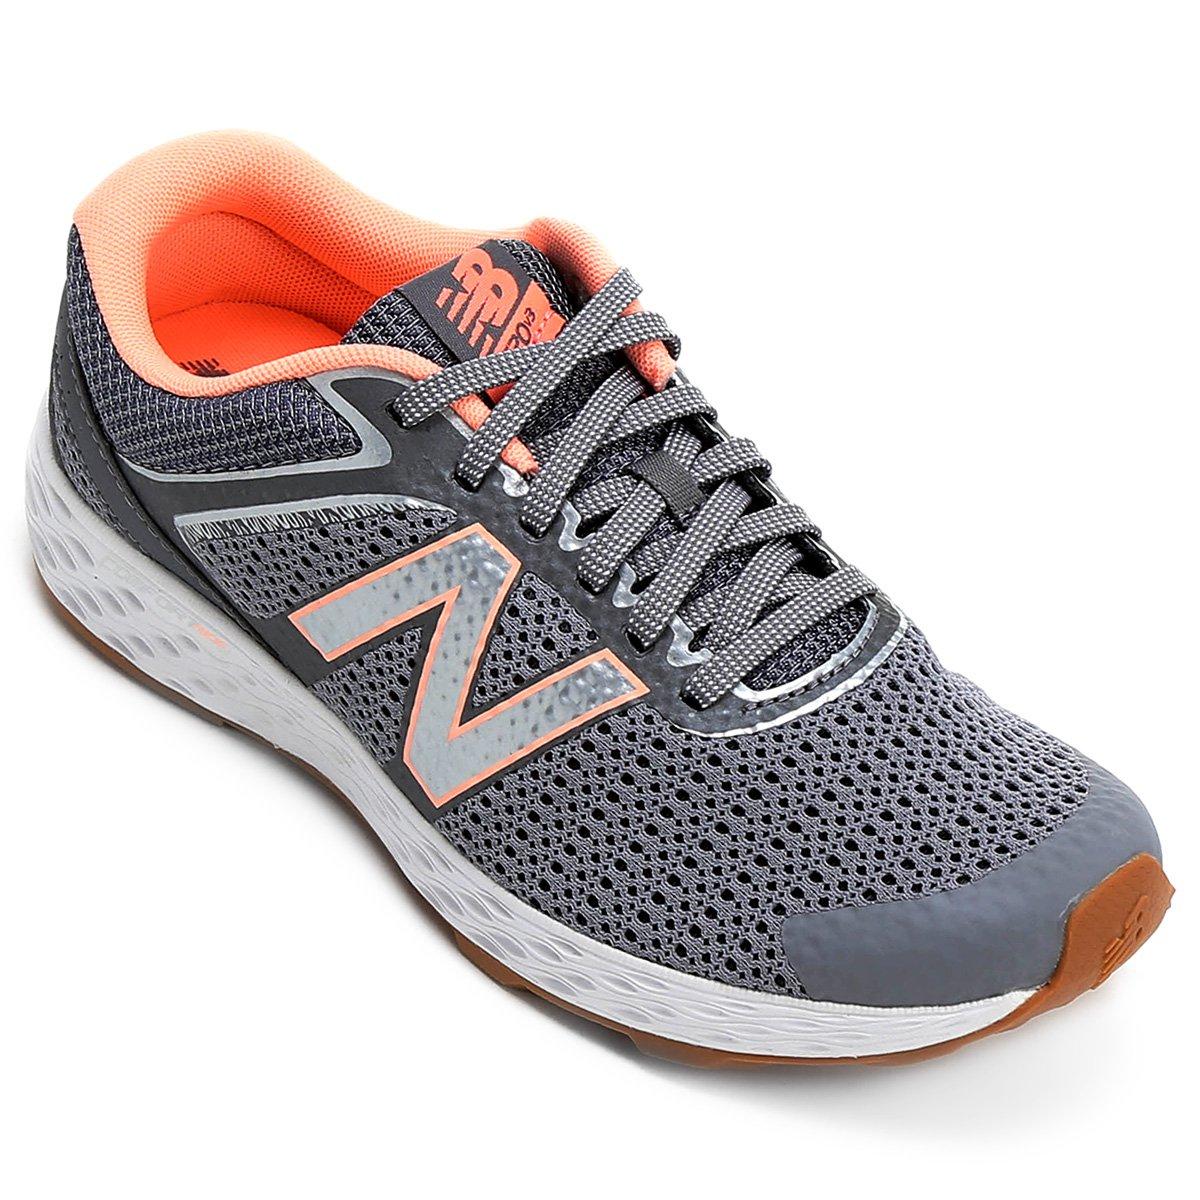 0d298e18357 Tênis New Balance 520 V3 Feminino - Compre Agora